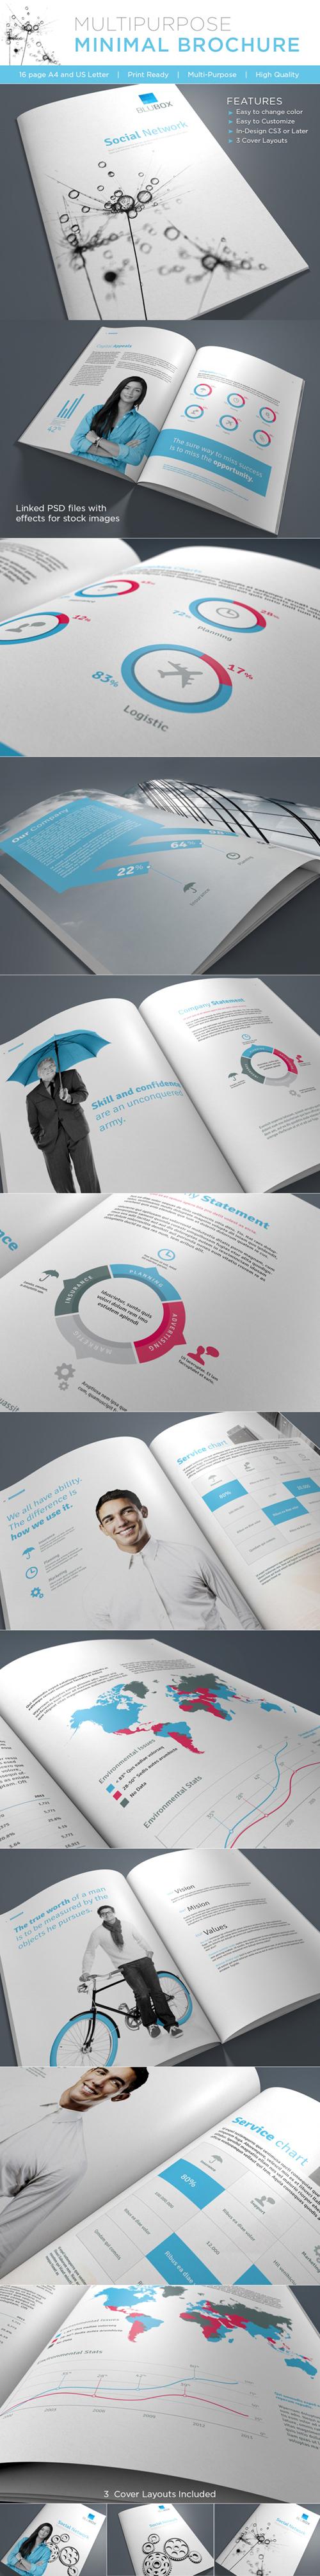 Multipurpose Minimal Brochure